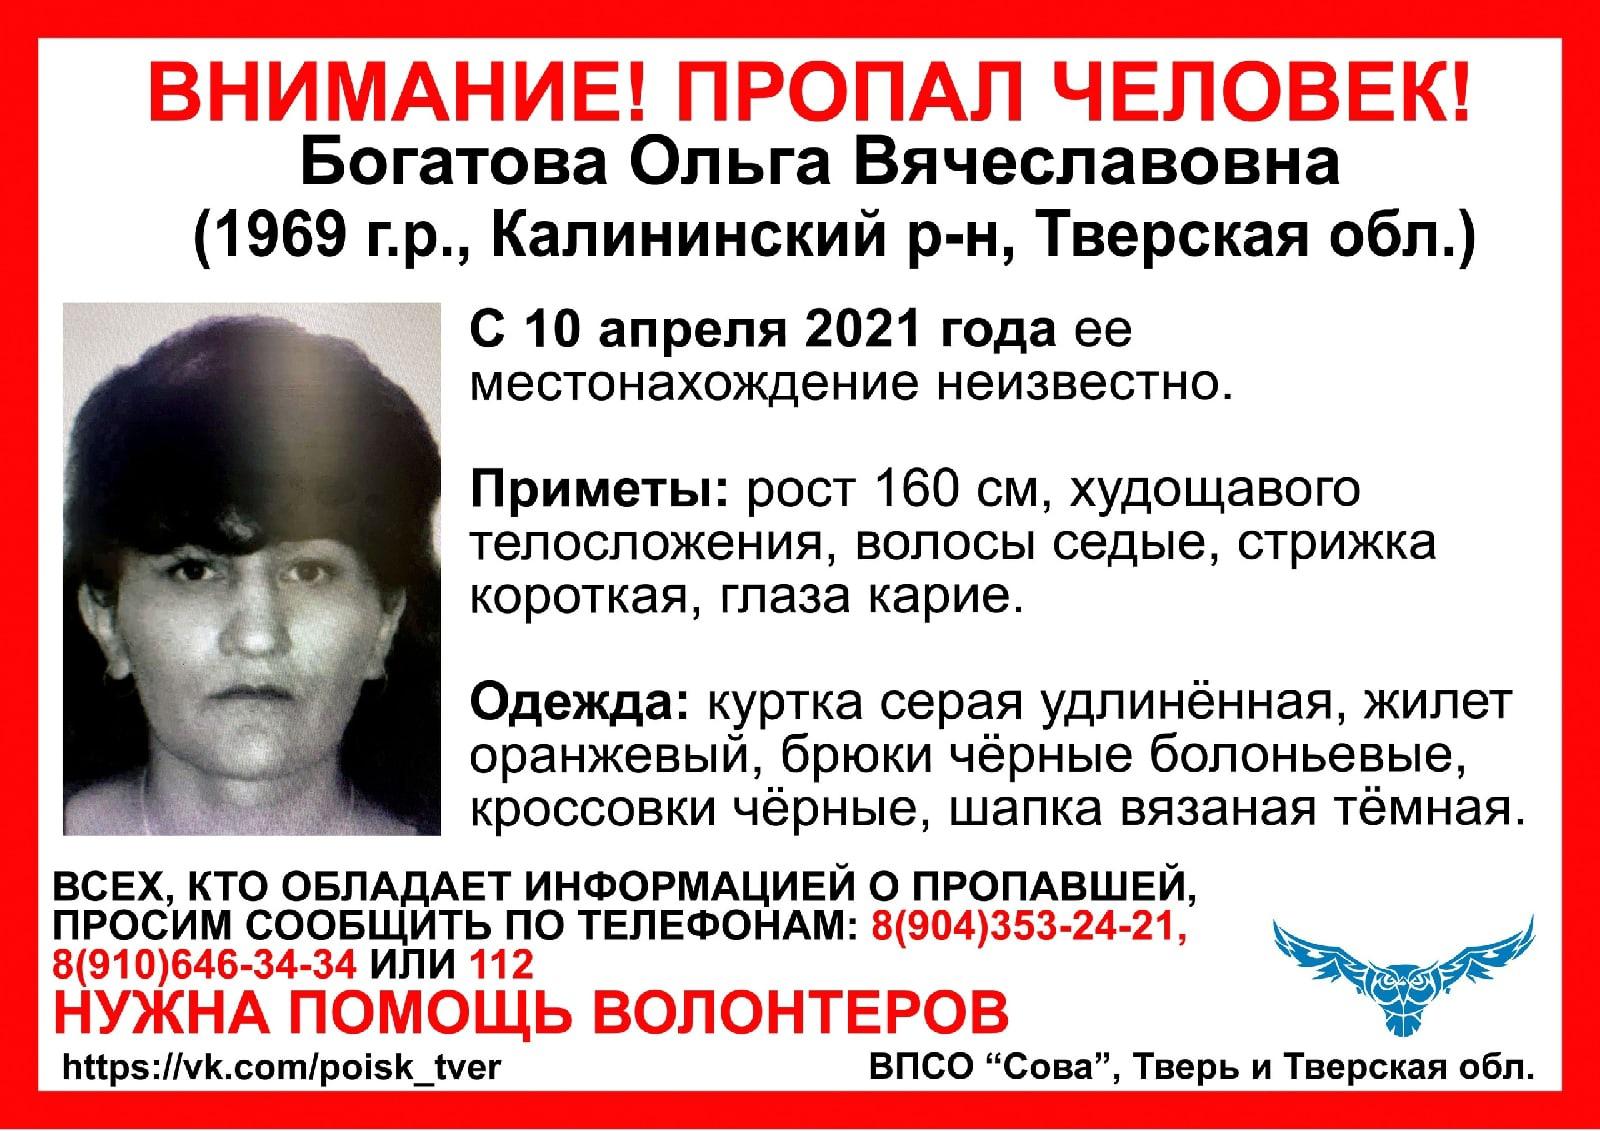 С апреля в Тверской области не могут найти женщину с карими глазами